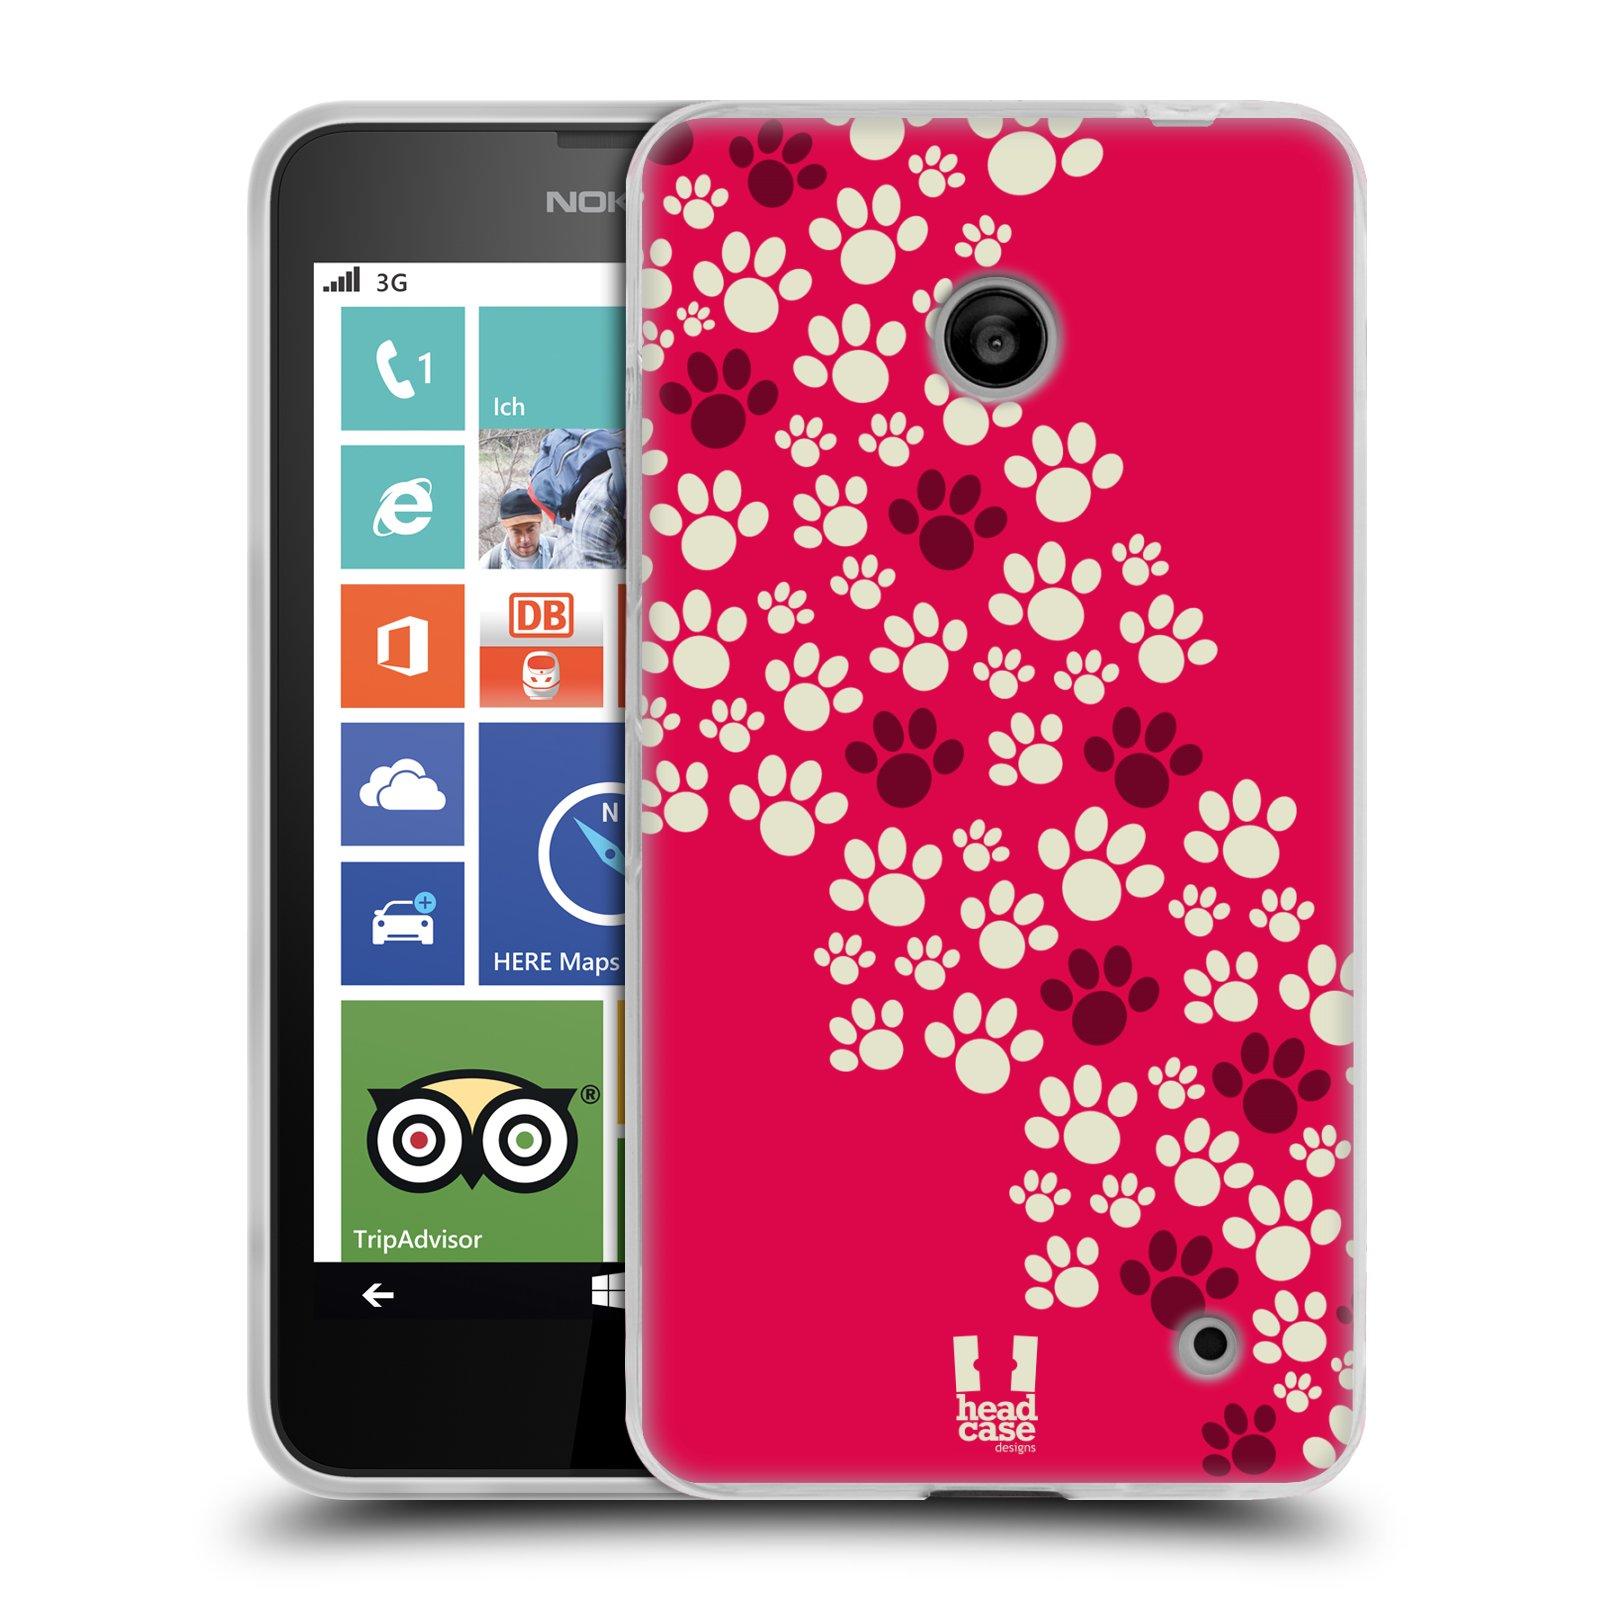 Silikonové pouzdro na mobil Nokia Lumia 630 HEAD CASE TLAPKY RŮŽOVÉ (Silikonový kryt či obal na mobilní telefon Nokia Lumia 630 a Nokia Lumia 630 Dual SIM)